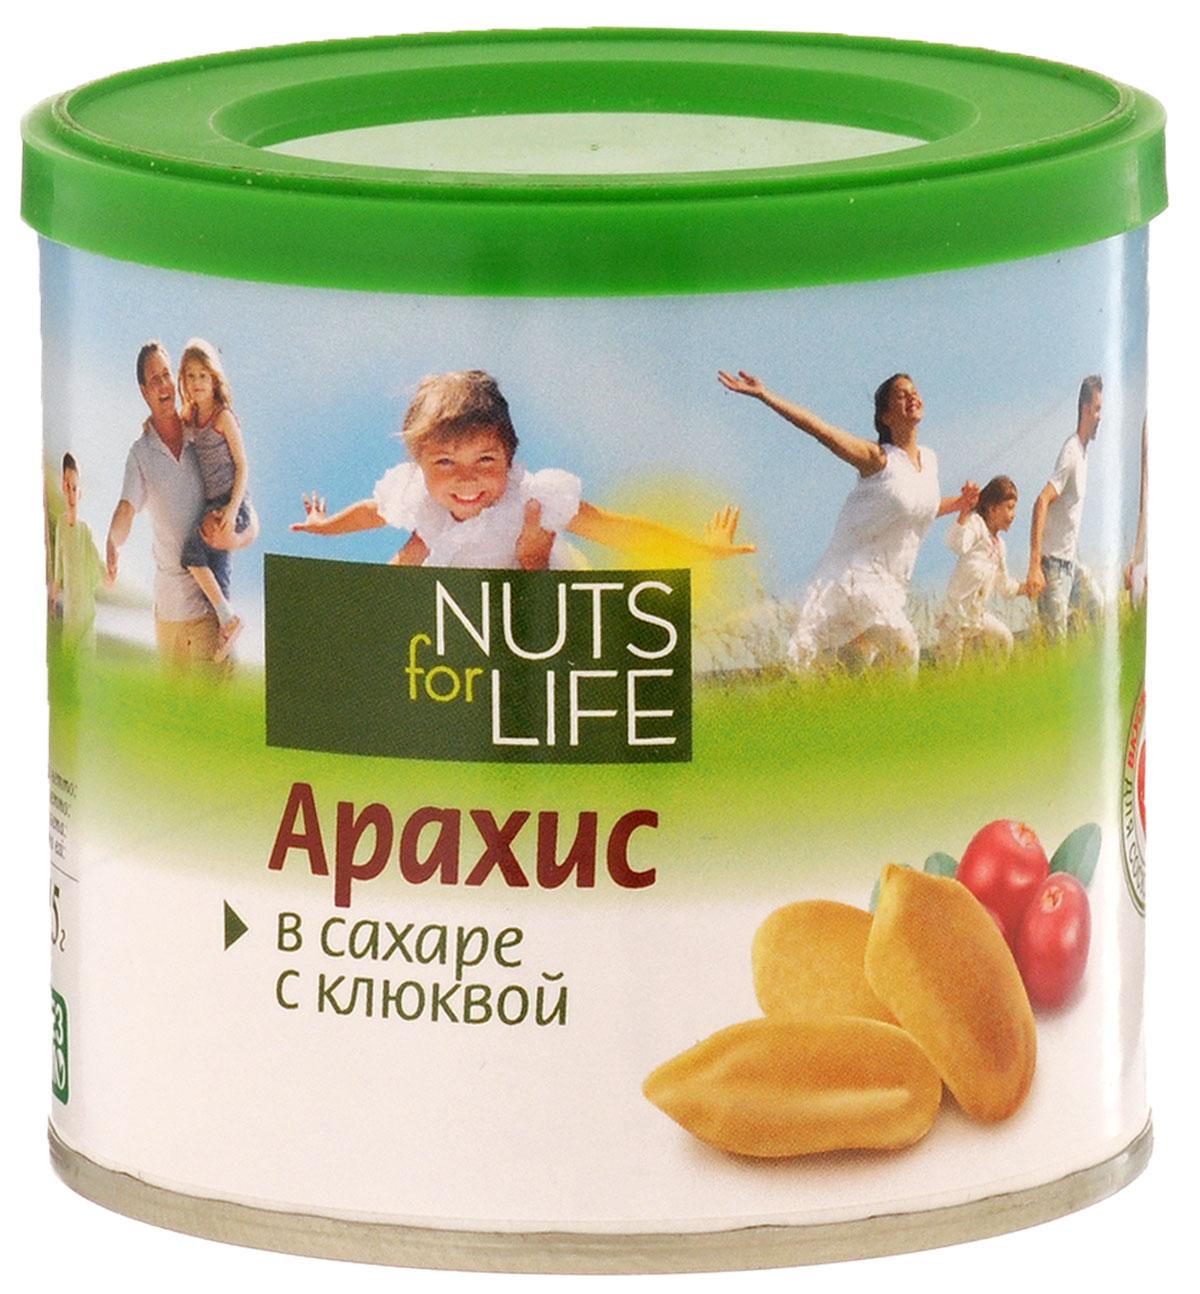 Nuts for Life Арахис в сахарной глазури с соком натуральной клюквы, 115 г0120710Арахис очень богат антиоксидантами-веществами, защищающими клетки организма от воздействий опасных свободных радикалов, а натуральный клюквенный сок окажет действенную помощь в целях борьбы с холестериновыми бляшками, оседающими на стенках кровеносных сосудов и ведущими к их закупорке.Уважаемые клиенты! Обращаем ваше внимание, что полный перечень состава продукта представлен на дополнительном изображении.